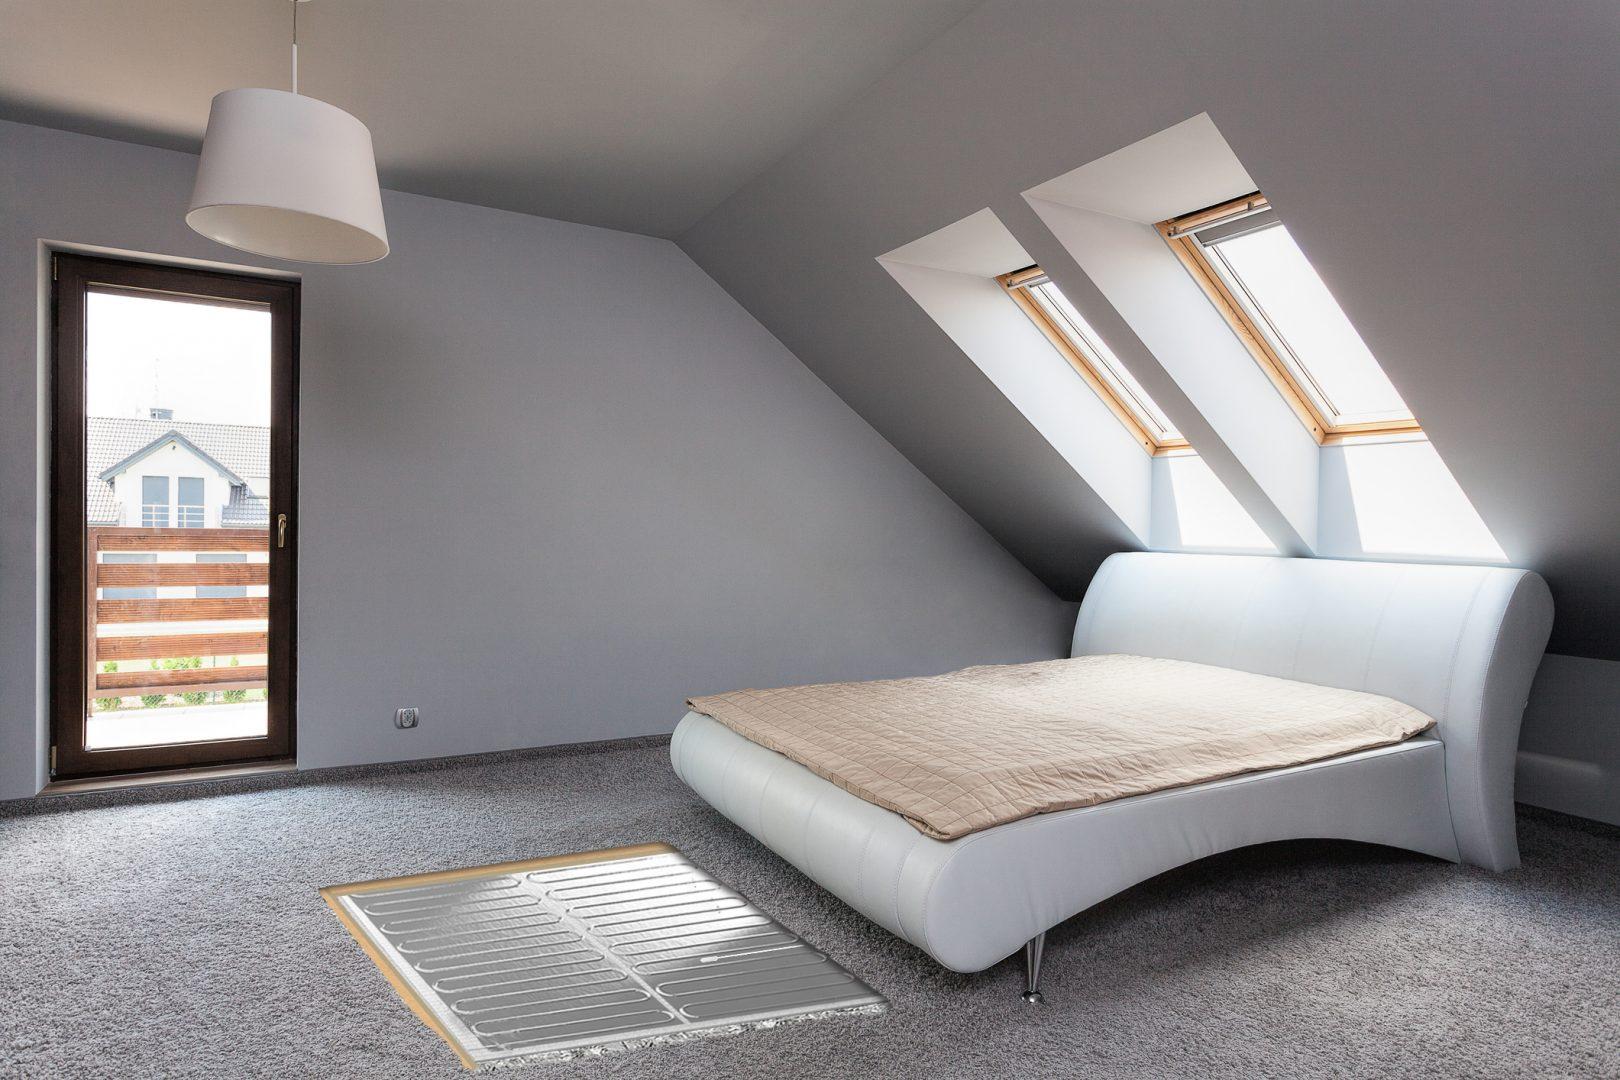 folieverwarming in de slaapkamer onder tapijt